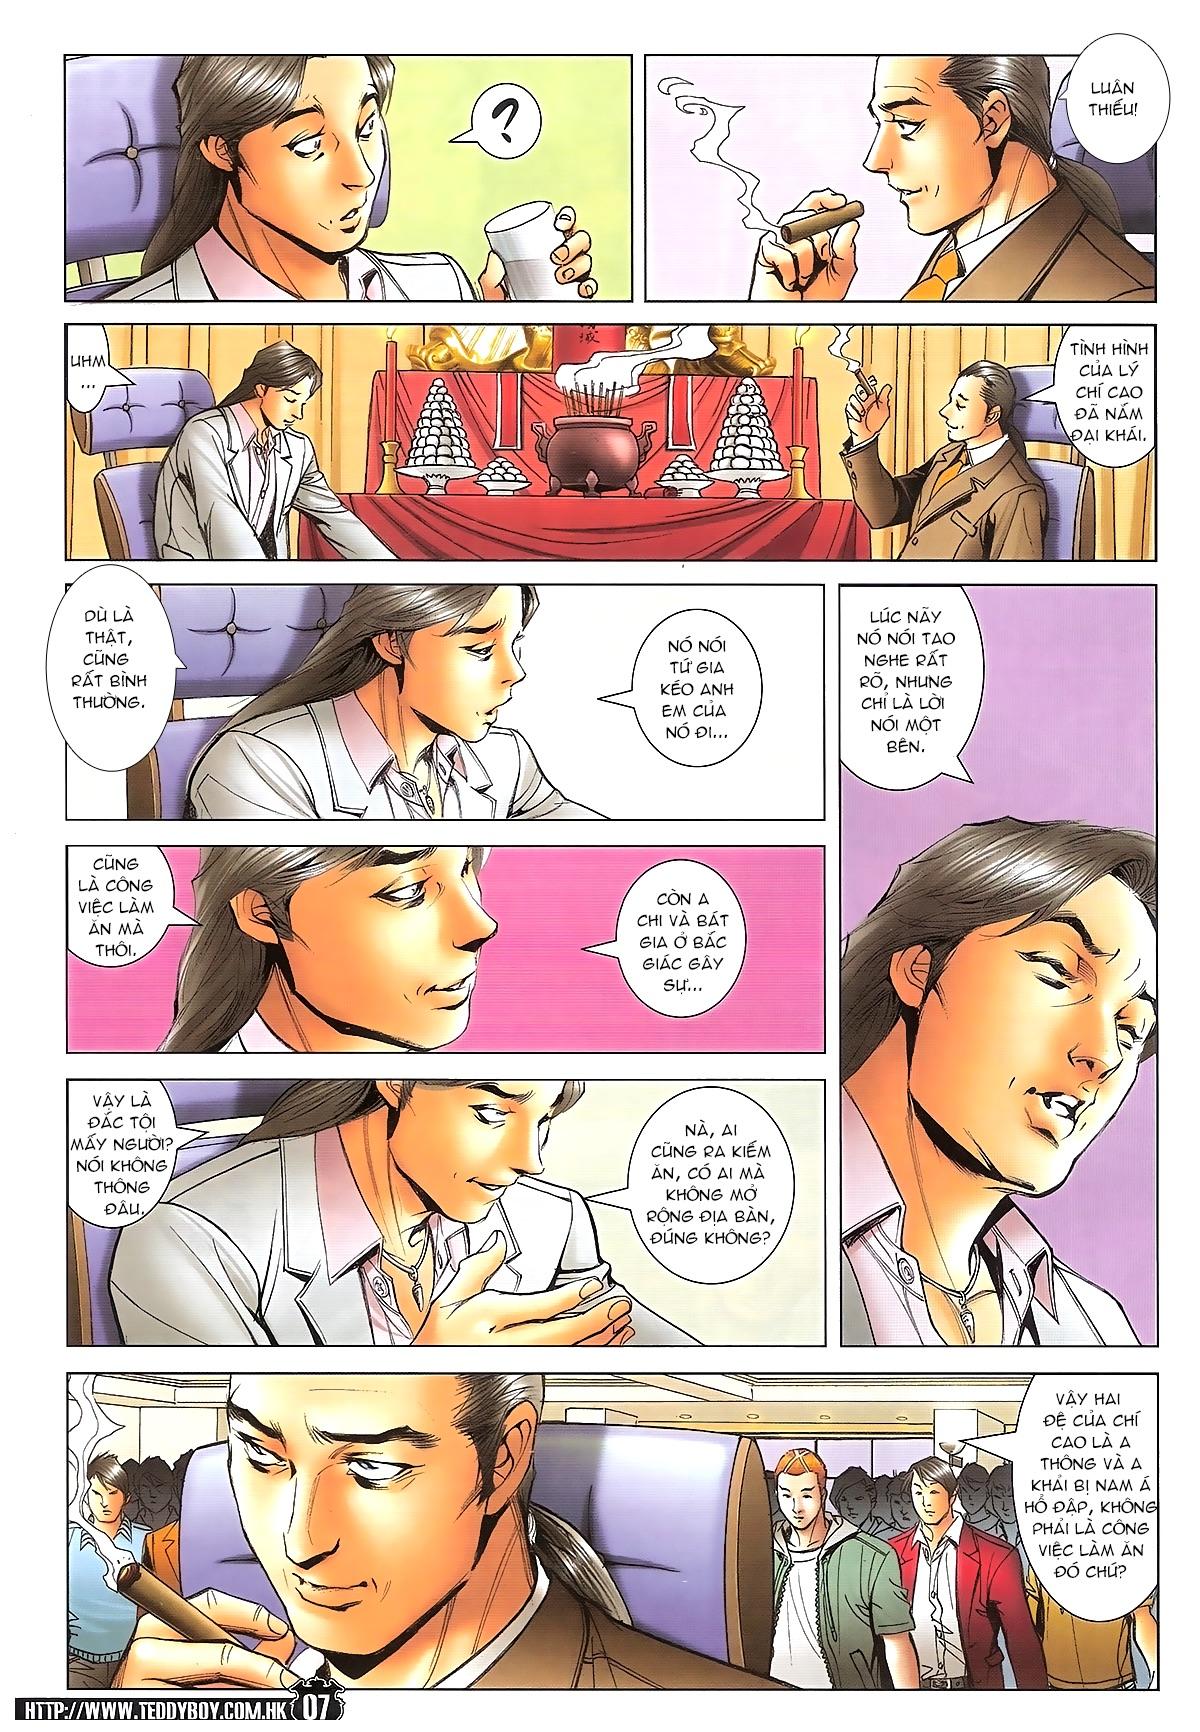 Người Trong Giang Hồ - Ngũ Hổ qui thiên - Chapter 1718: Đàm phán siêu cấp 4 - Pic 6